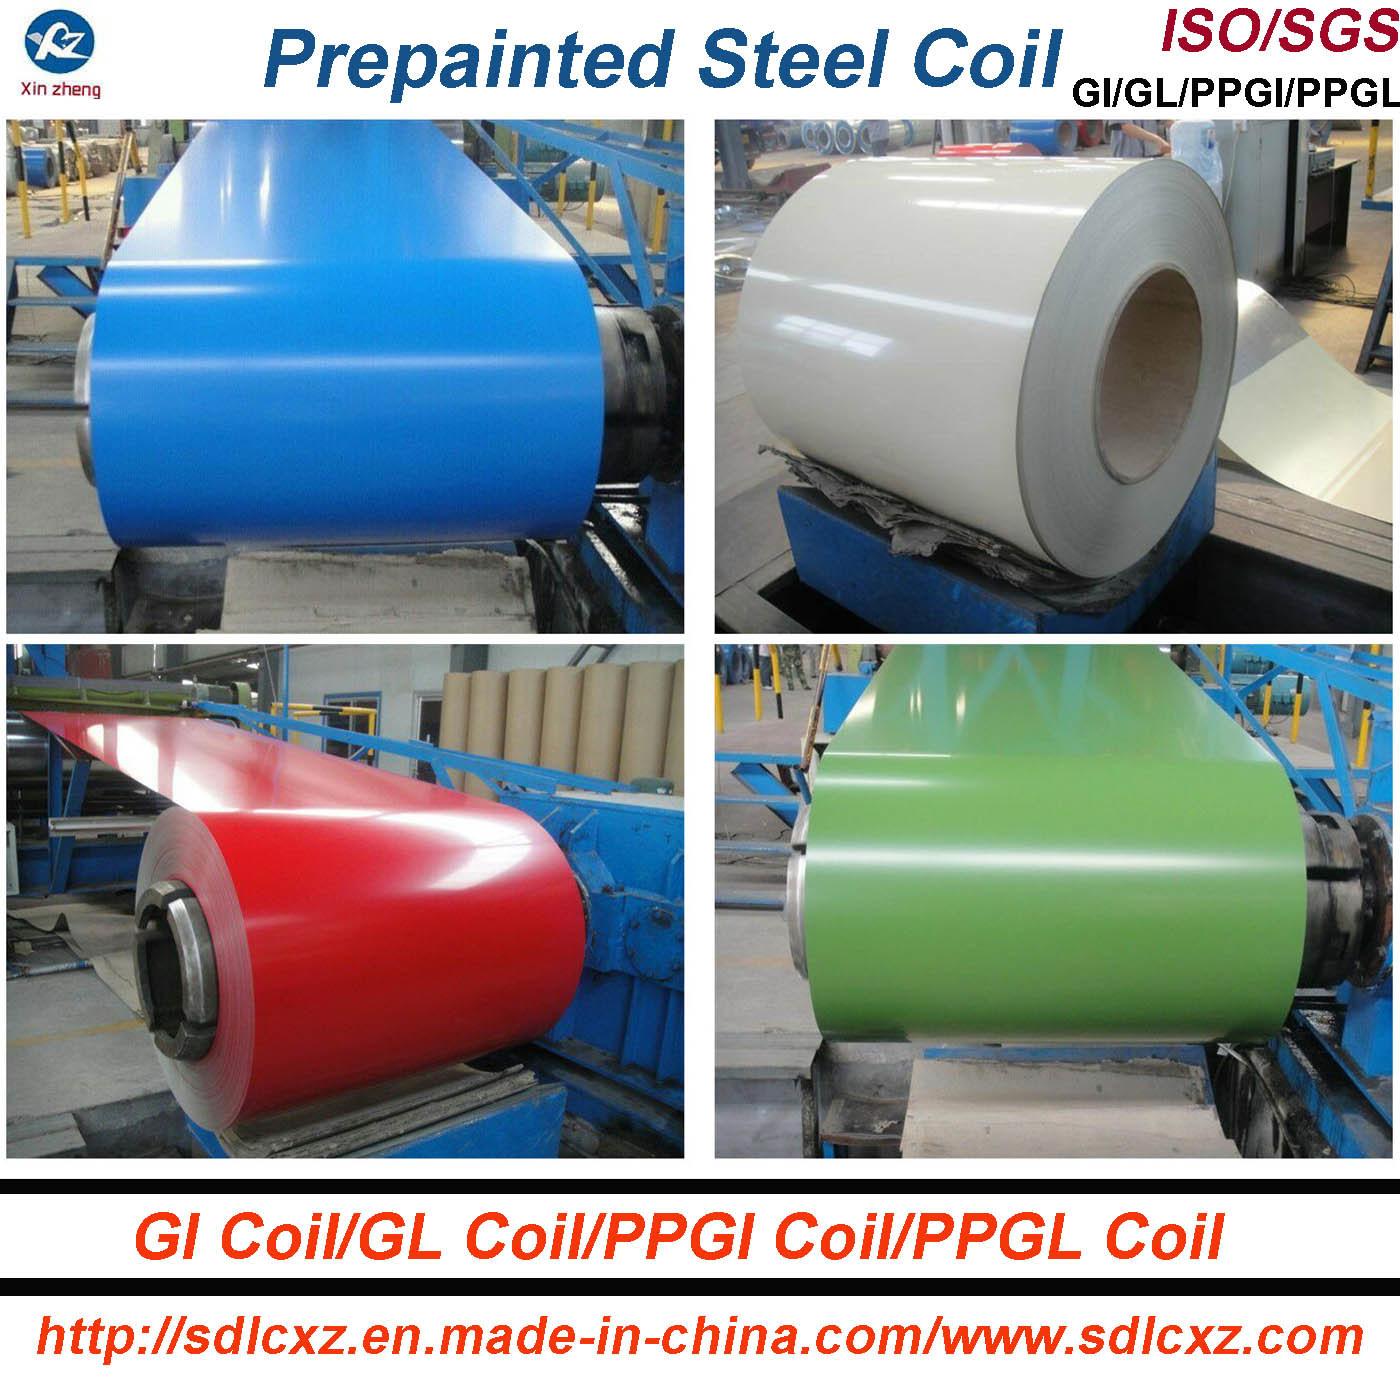 Prepainted Galvanized Steel Coil / PPGI for Roofing Sheet